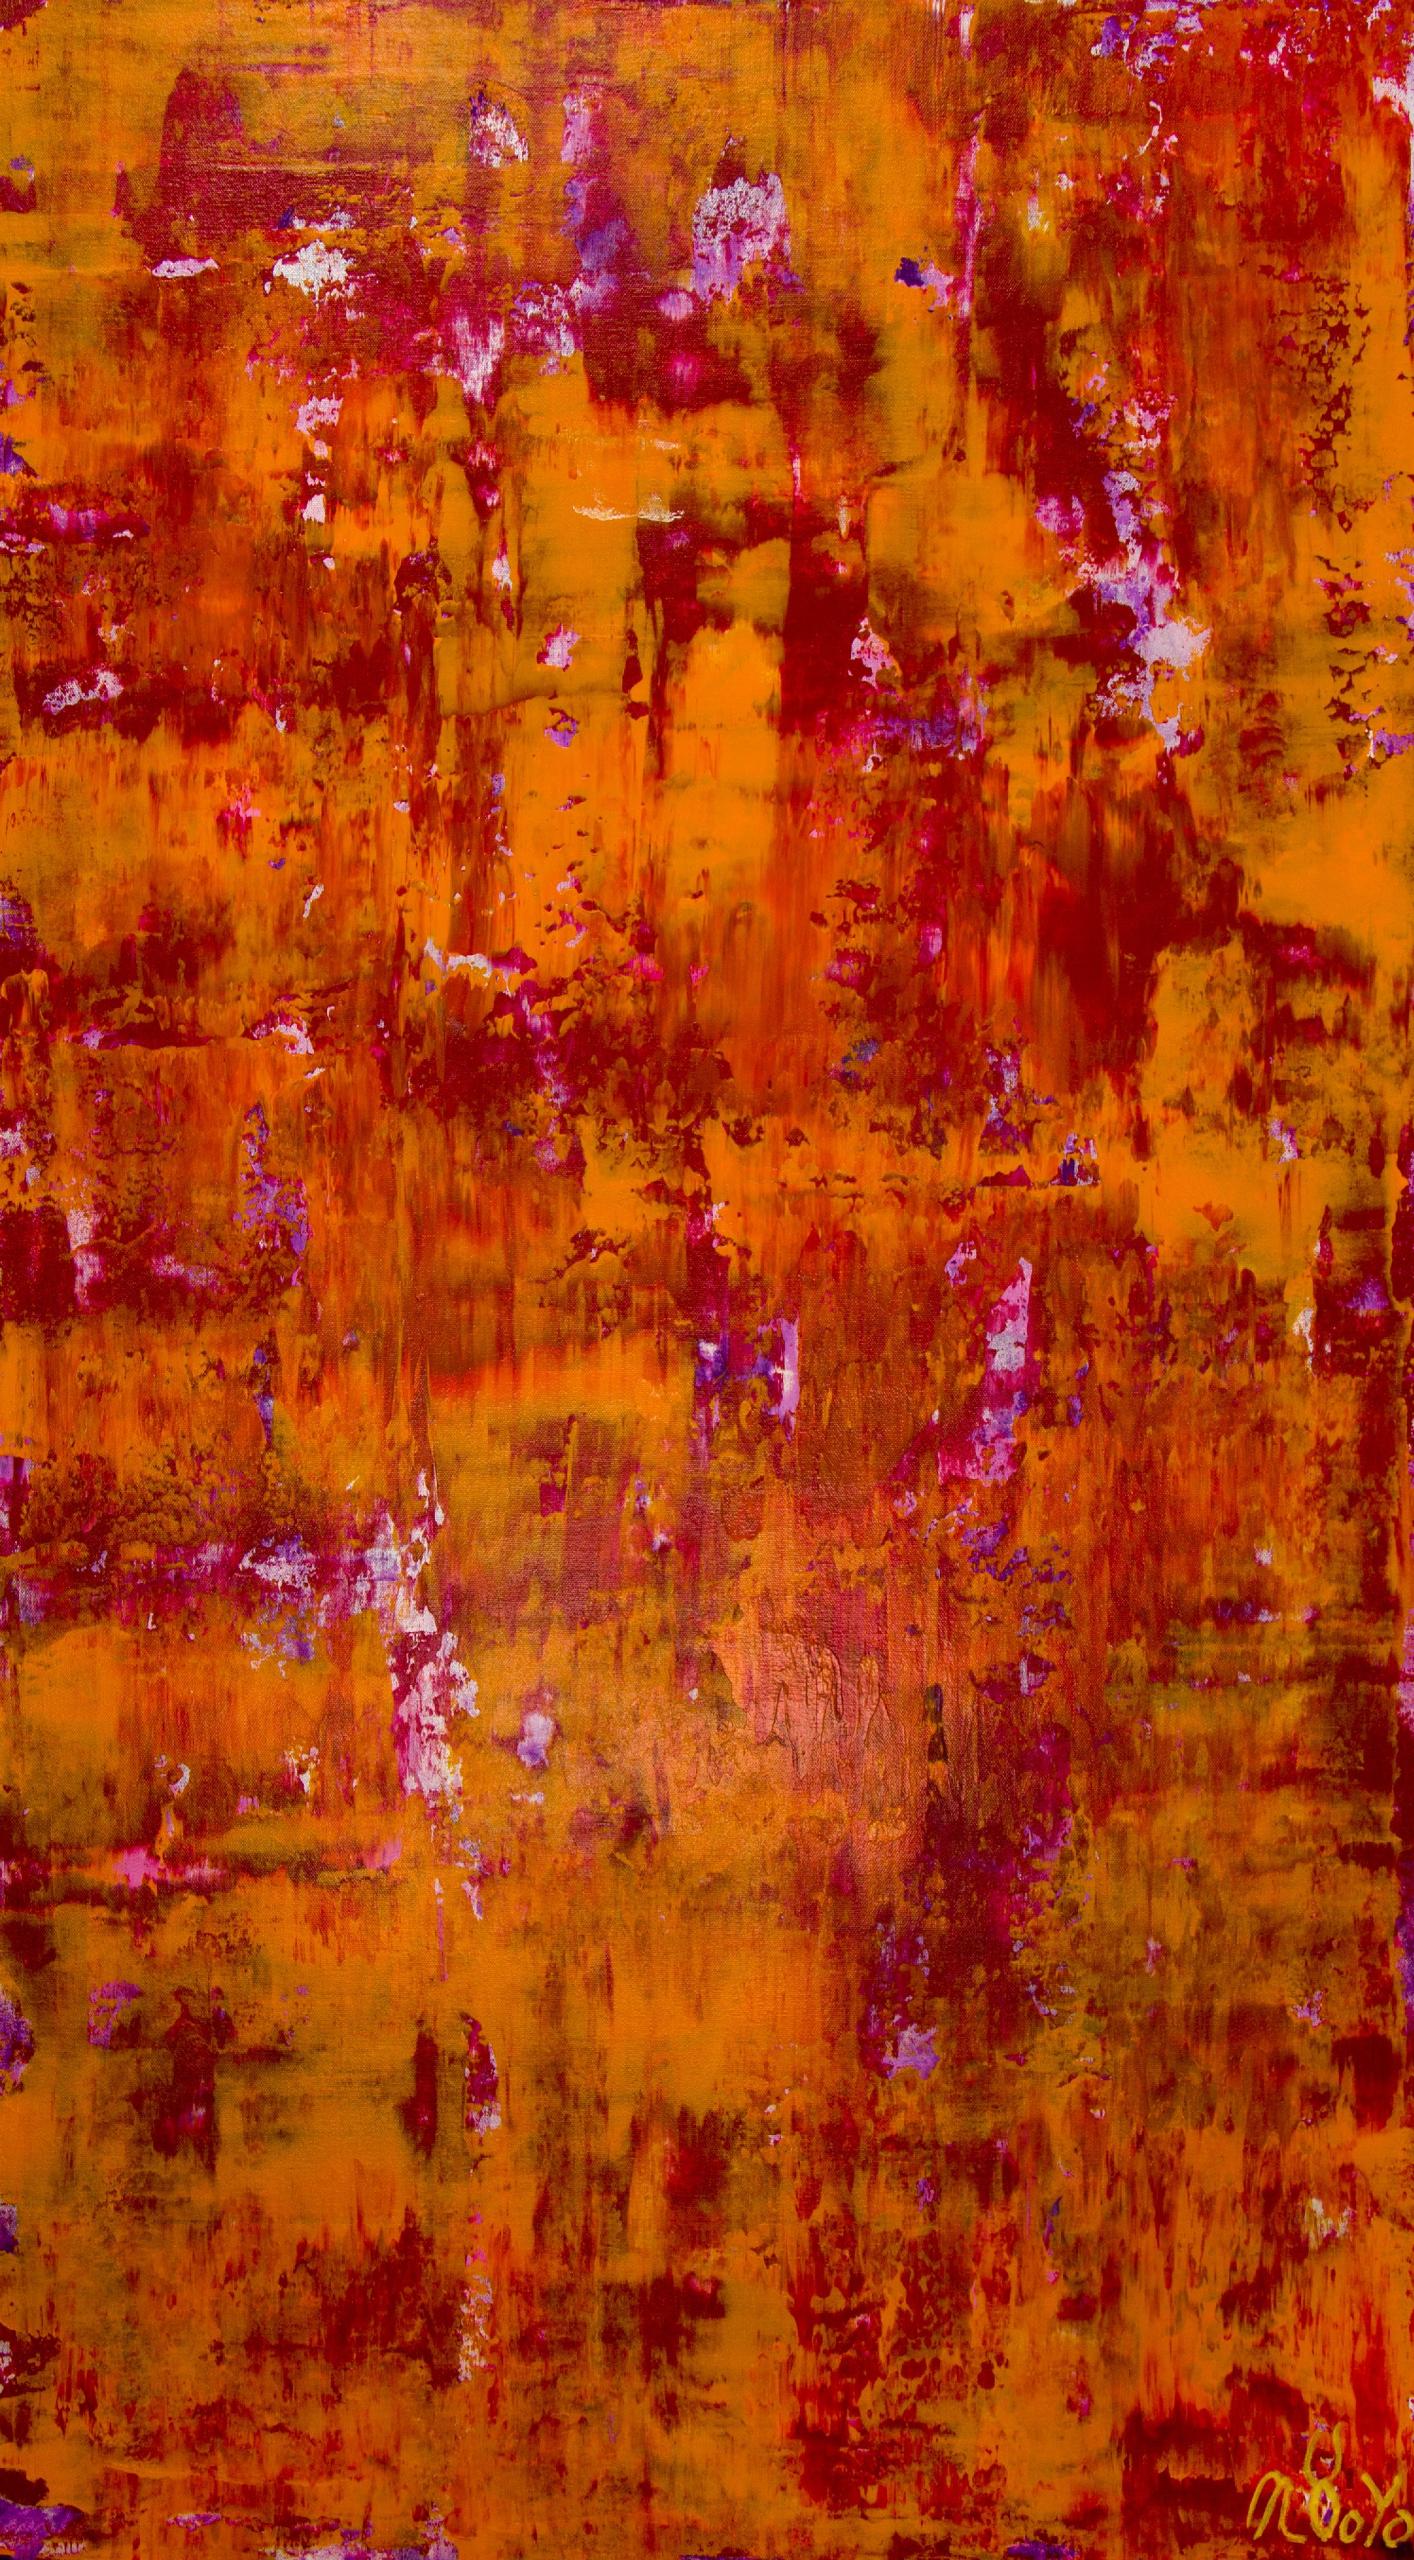 Fiery Dimensions (2020) by Nestor Toro